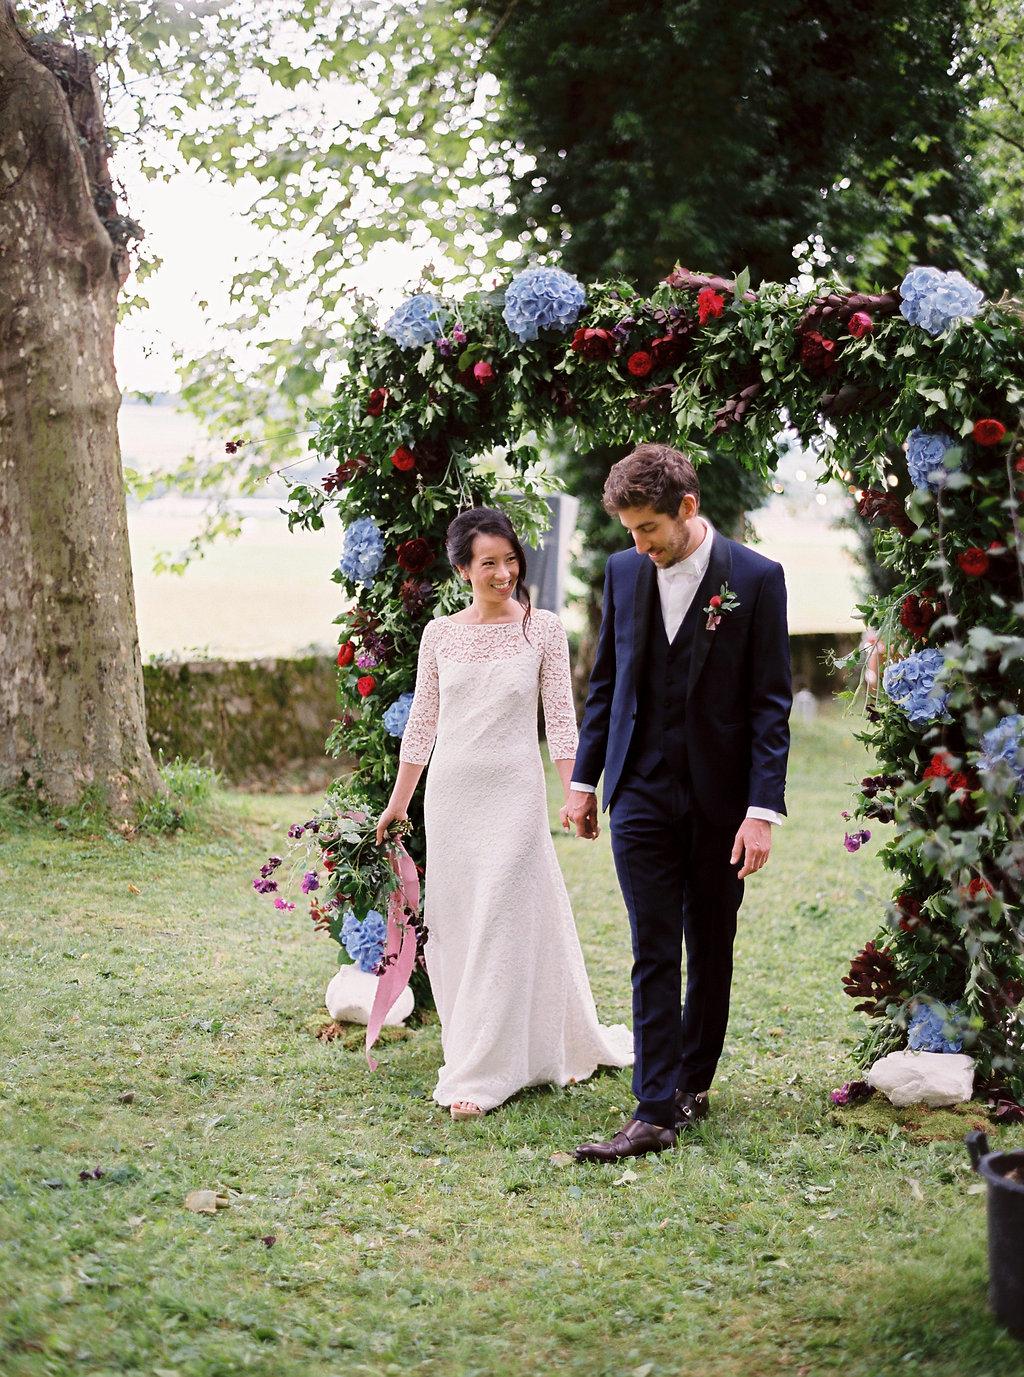 chateau_wedding_elsasebastien-168